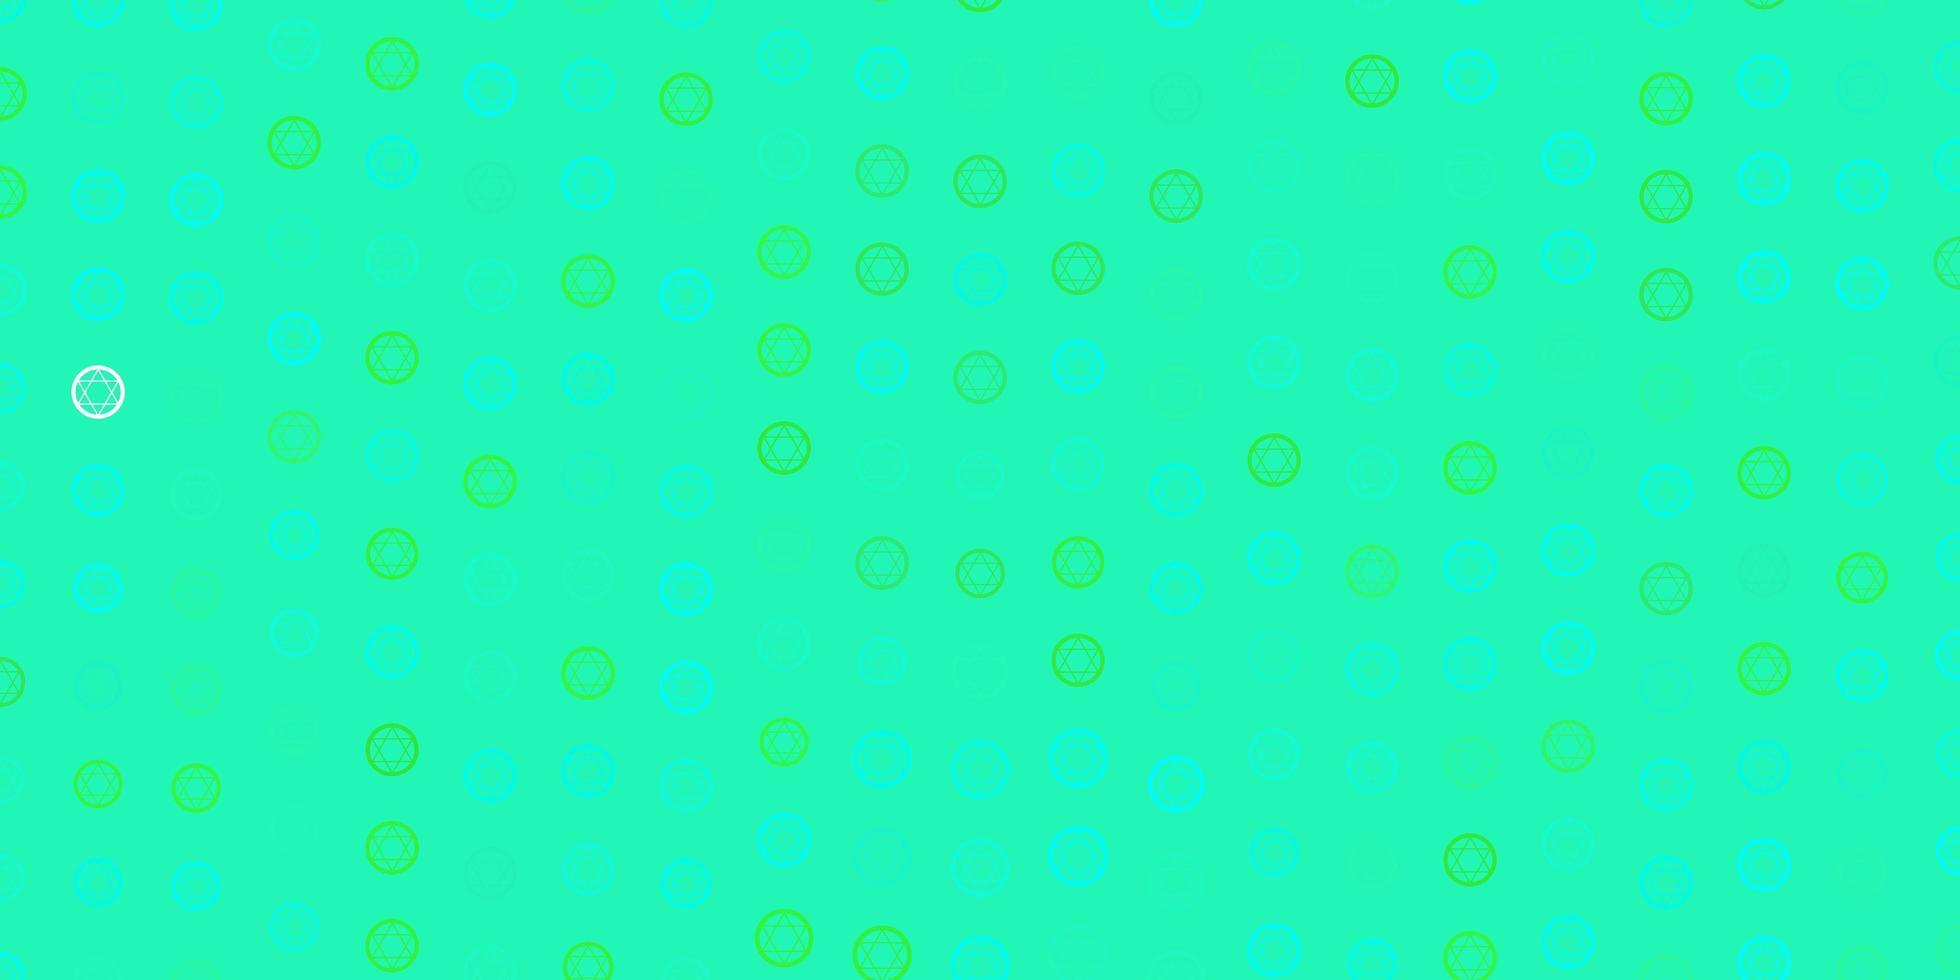 texture vecteur vert clair avec symboles de religion.